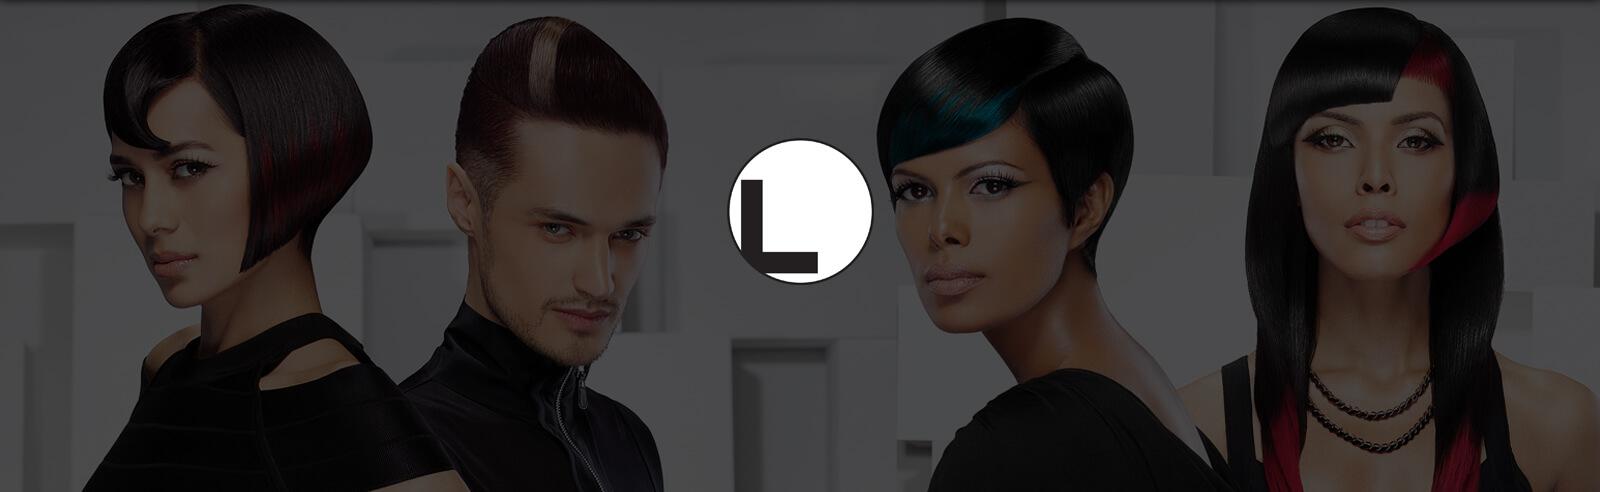 Hair styles - Looks Salon